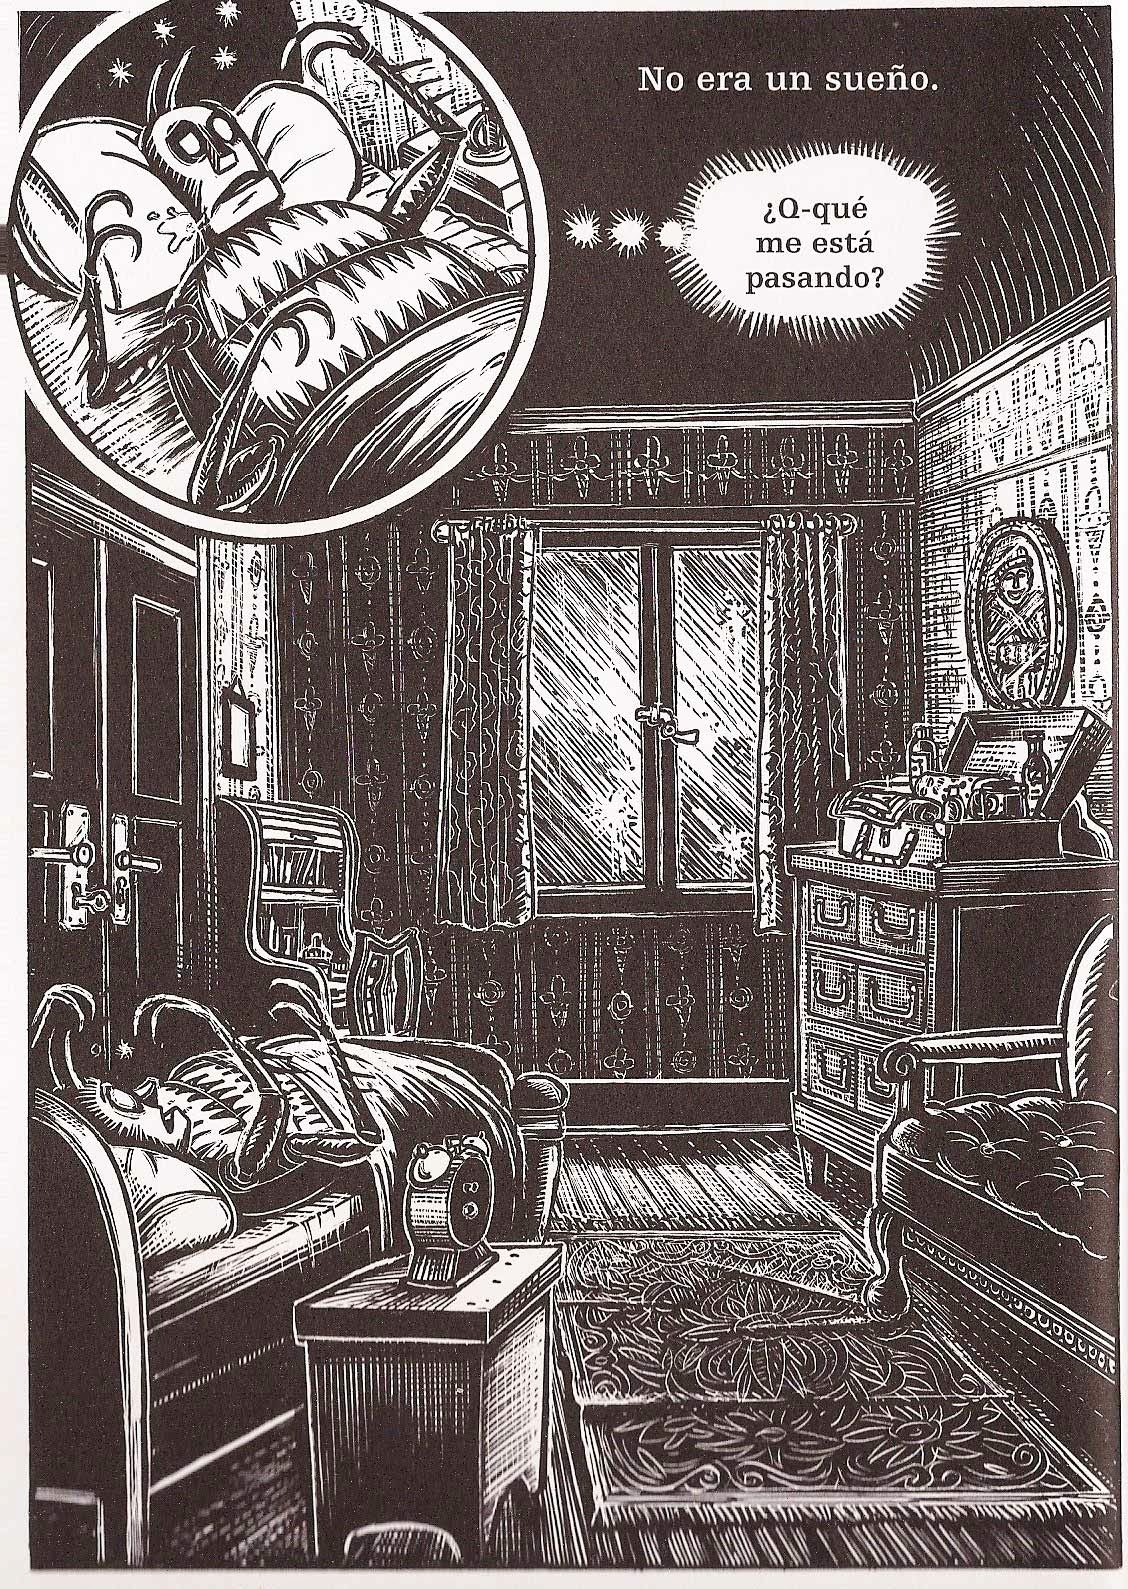 comic metamorfosis kafka